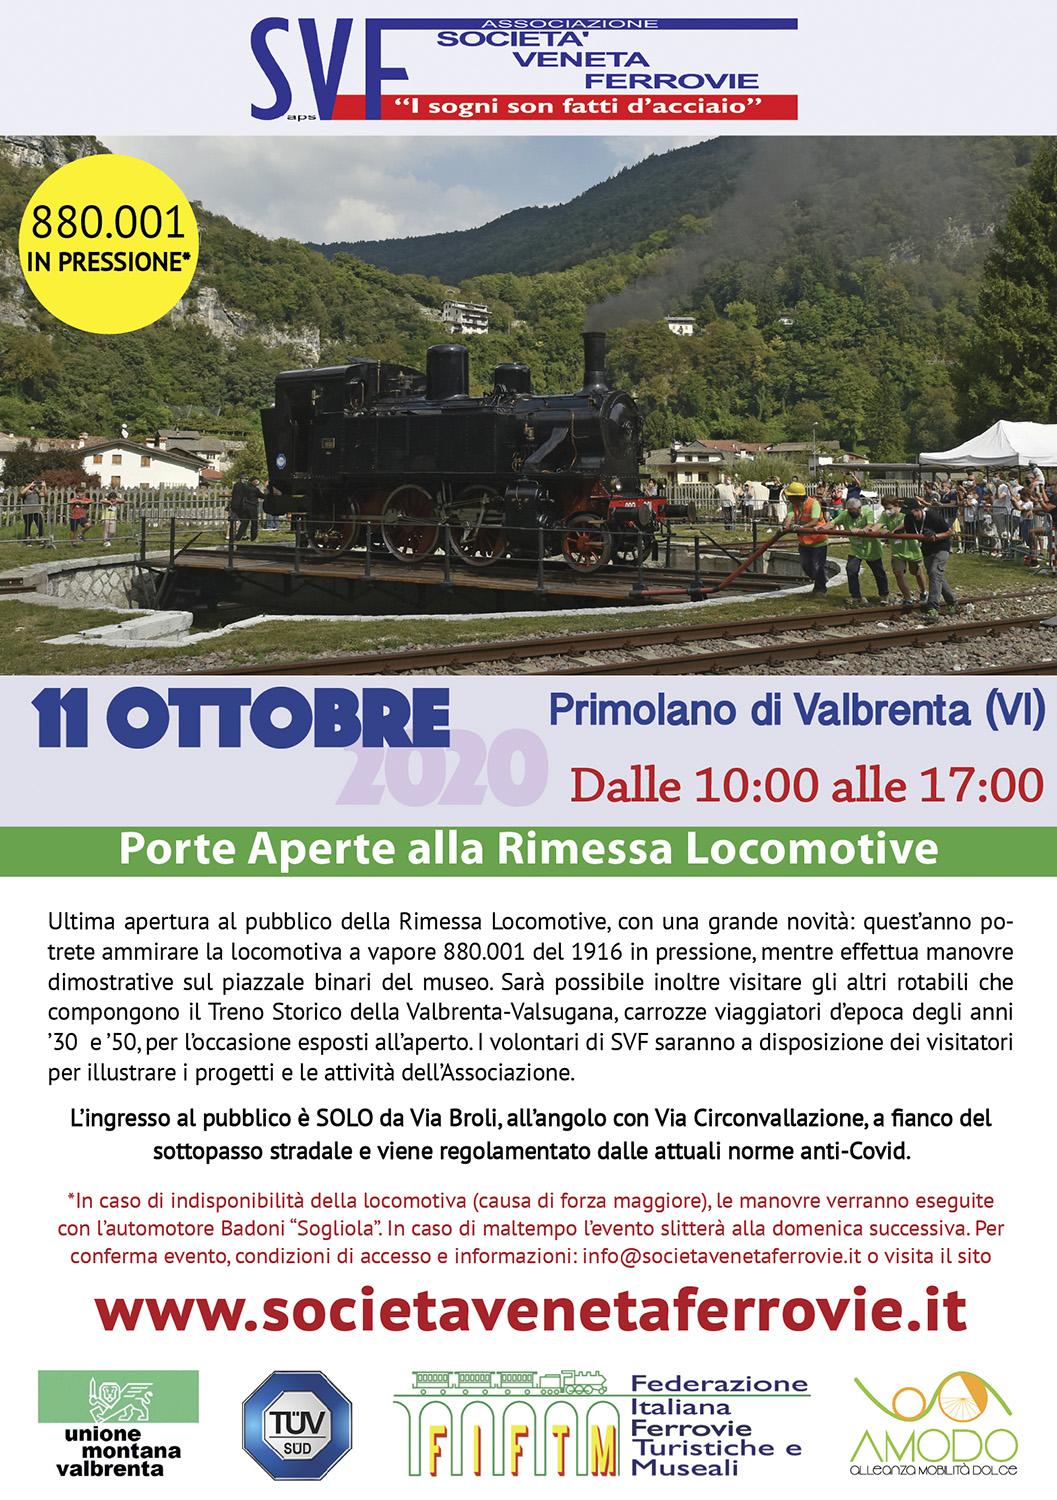 Porte Aperte alla RL di Primolano l'11 ottobre 2020